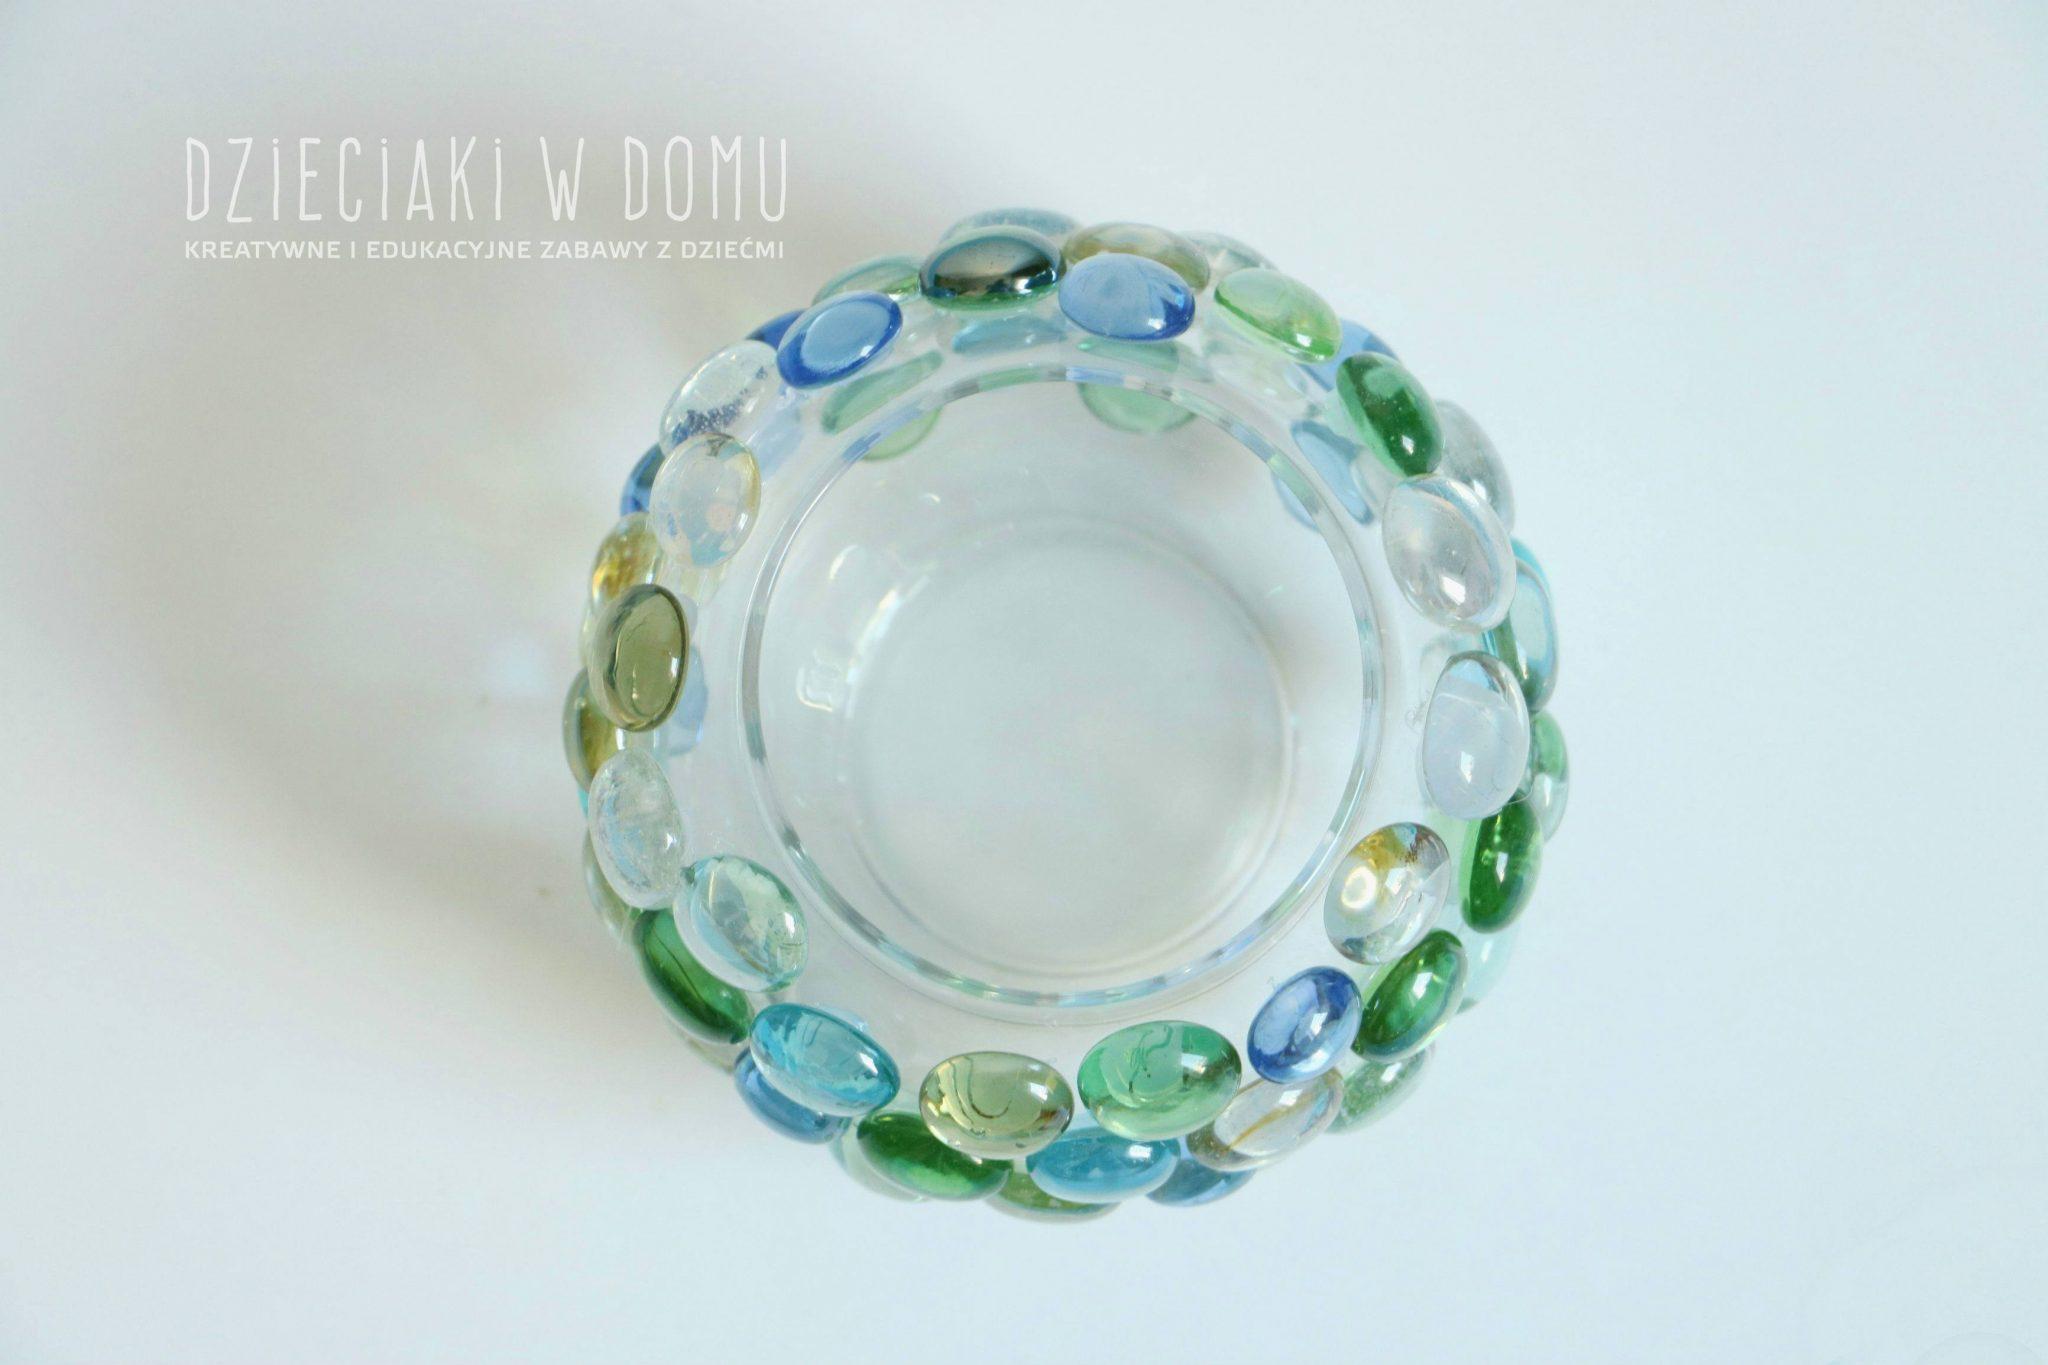 Lampion DIY z dekoracyjnych kamieni - prosty sposób na prezent DIY